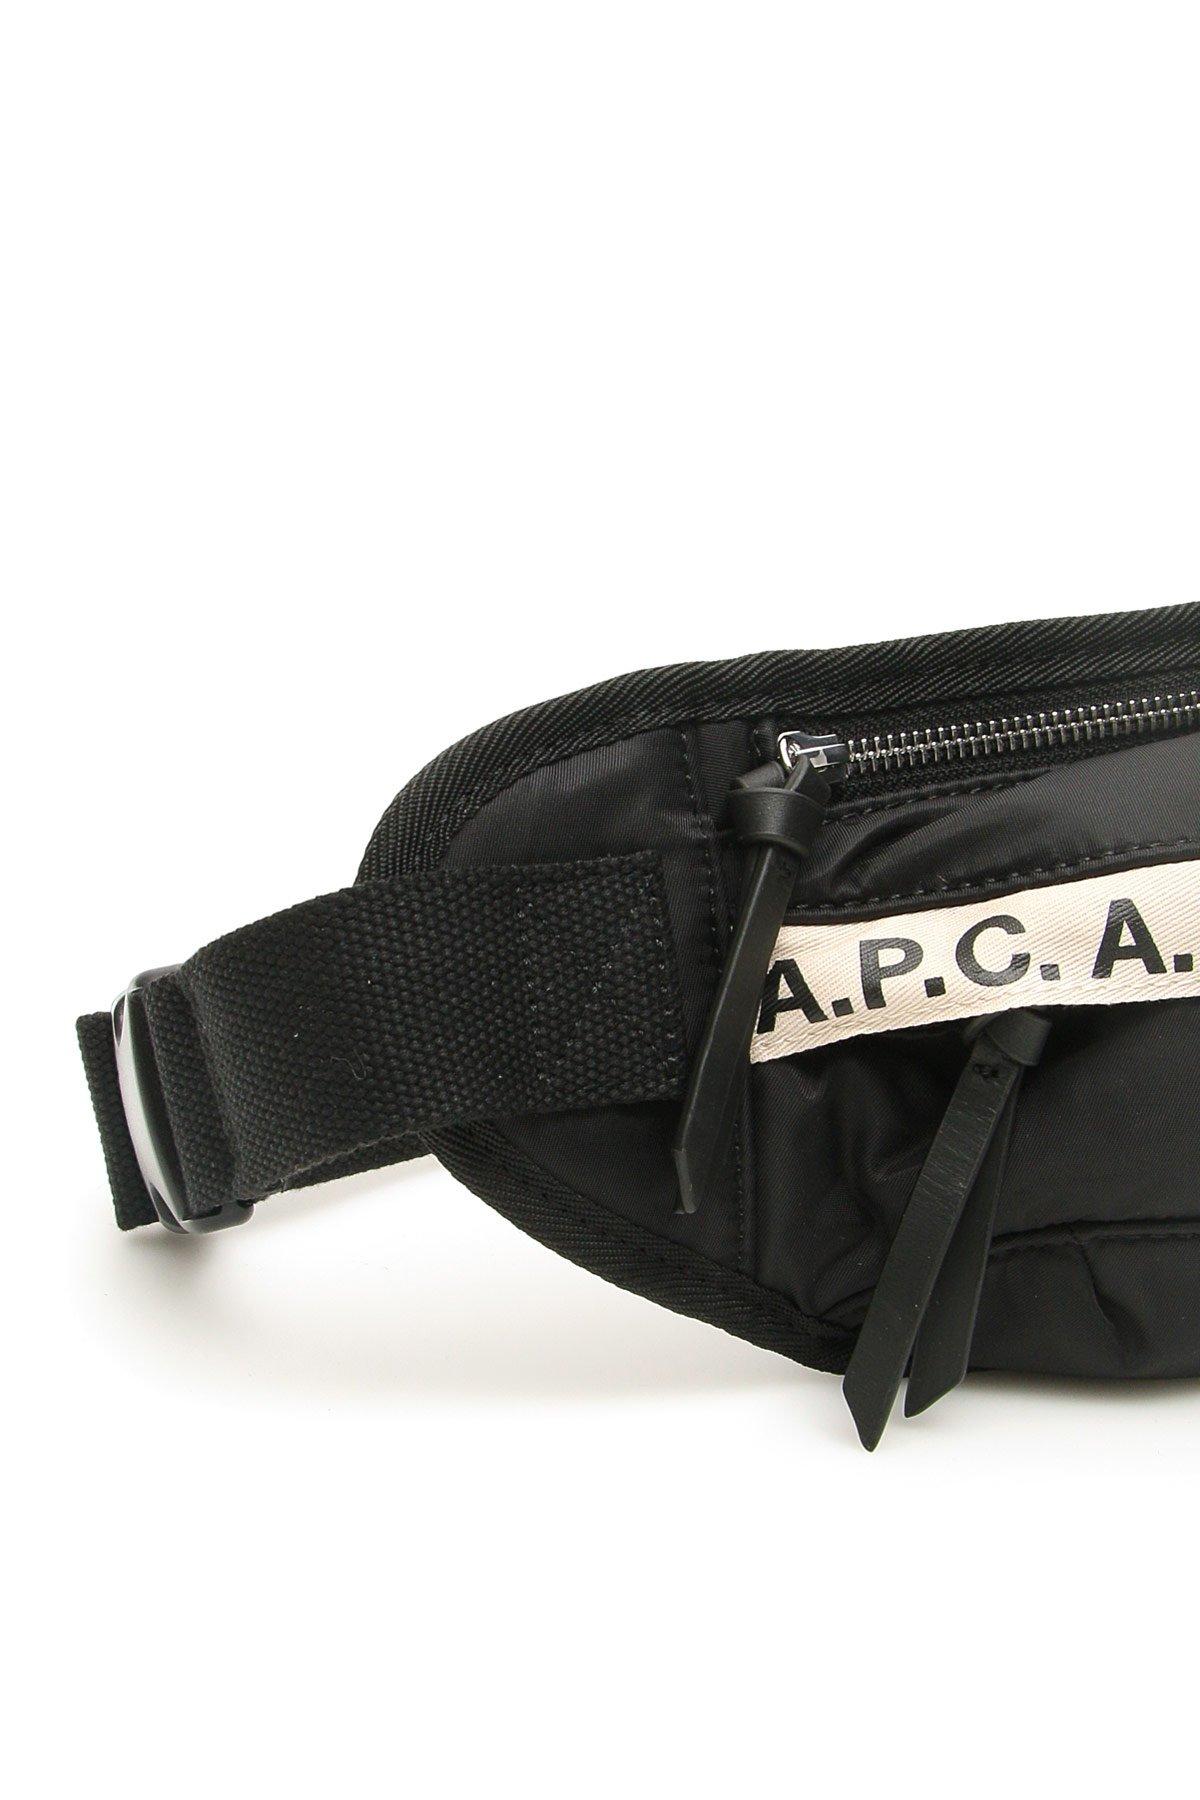 A.p.c. marsupio repeat logo